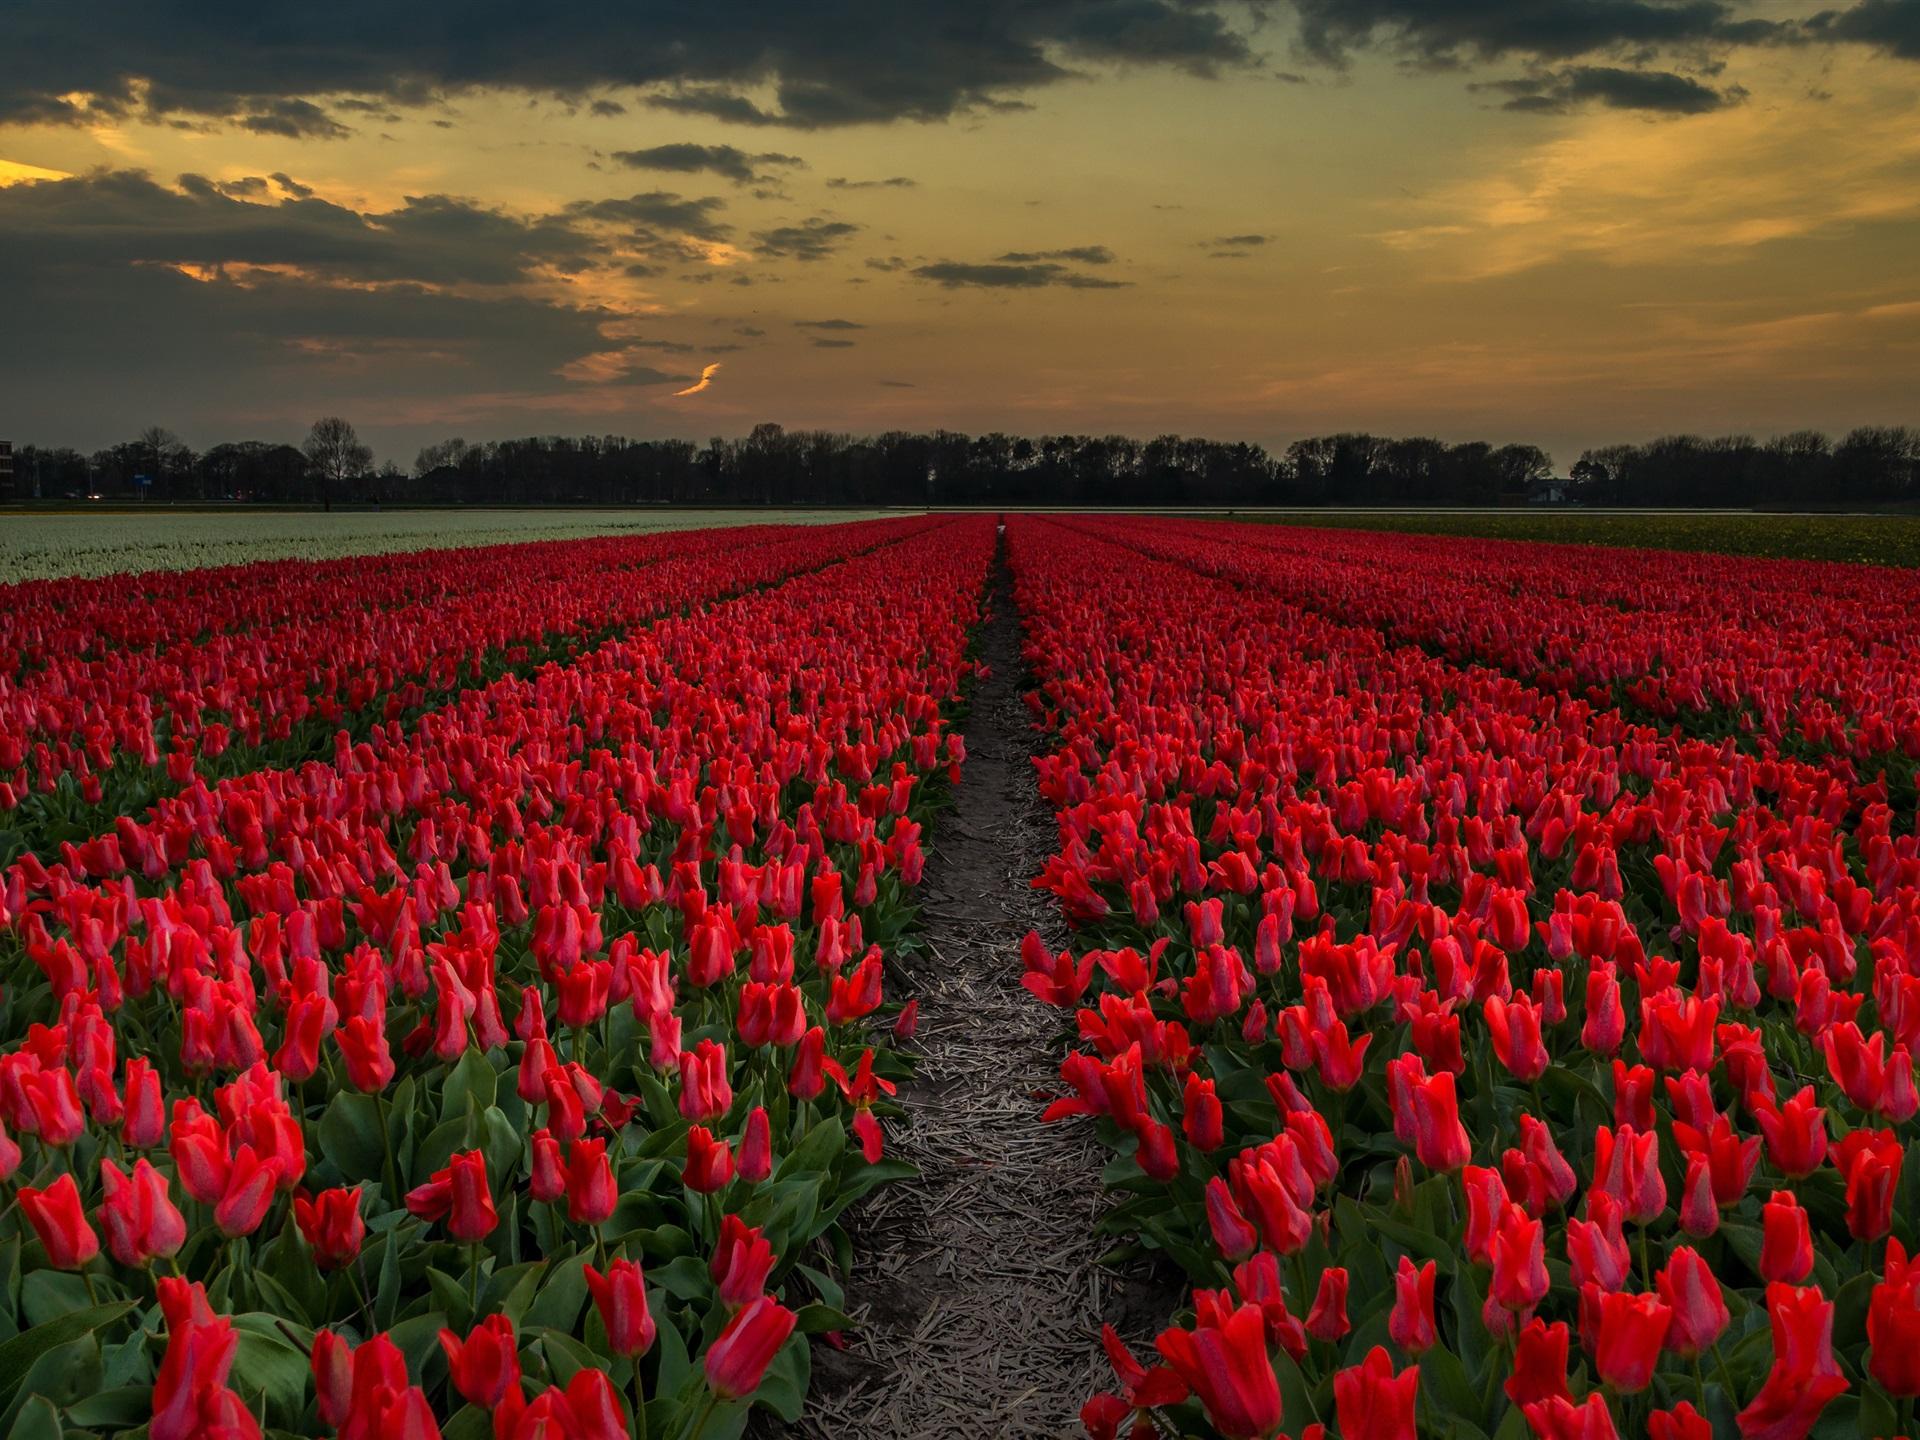 увенчались картинка гиф поле тюльпанов границы для печати